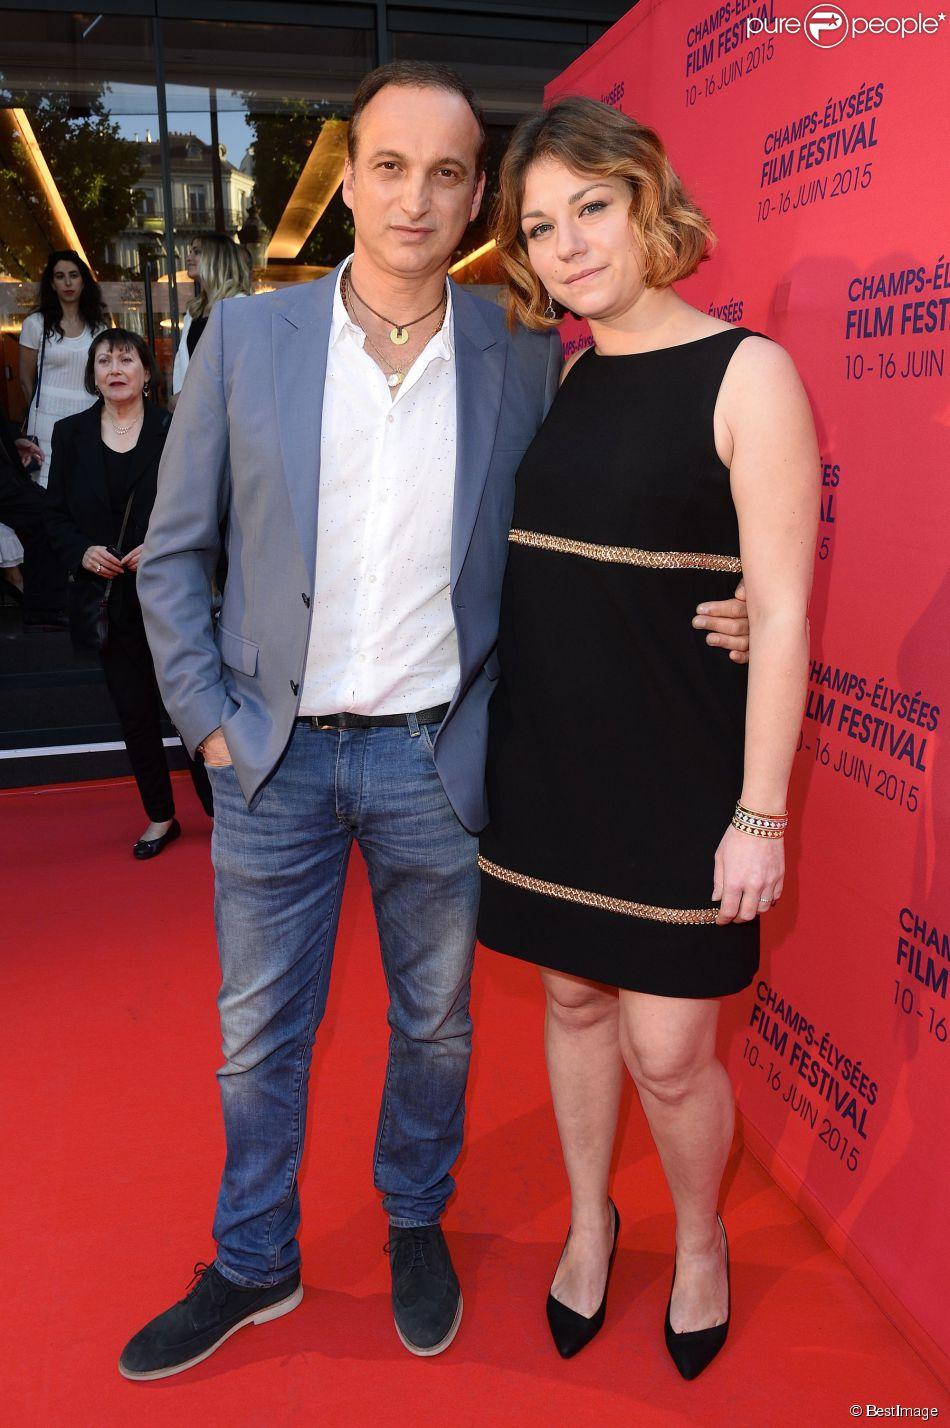 Michel Ferracci et sa femme Emilie Dequenne (habillée en Paule Ka et en bijoux Van Cleef & Arpels) - Soirée de clôture du 4e Champs Elysées Film Festival à Paris le 16 juin 2015